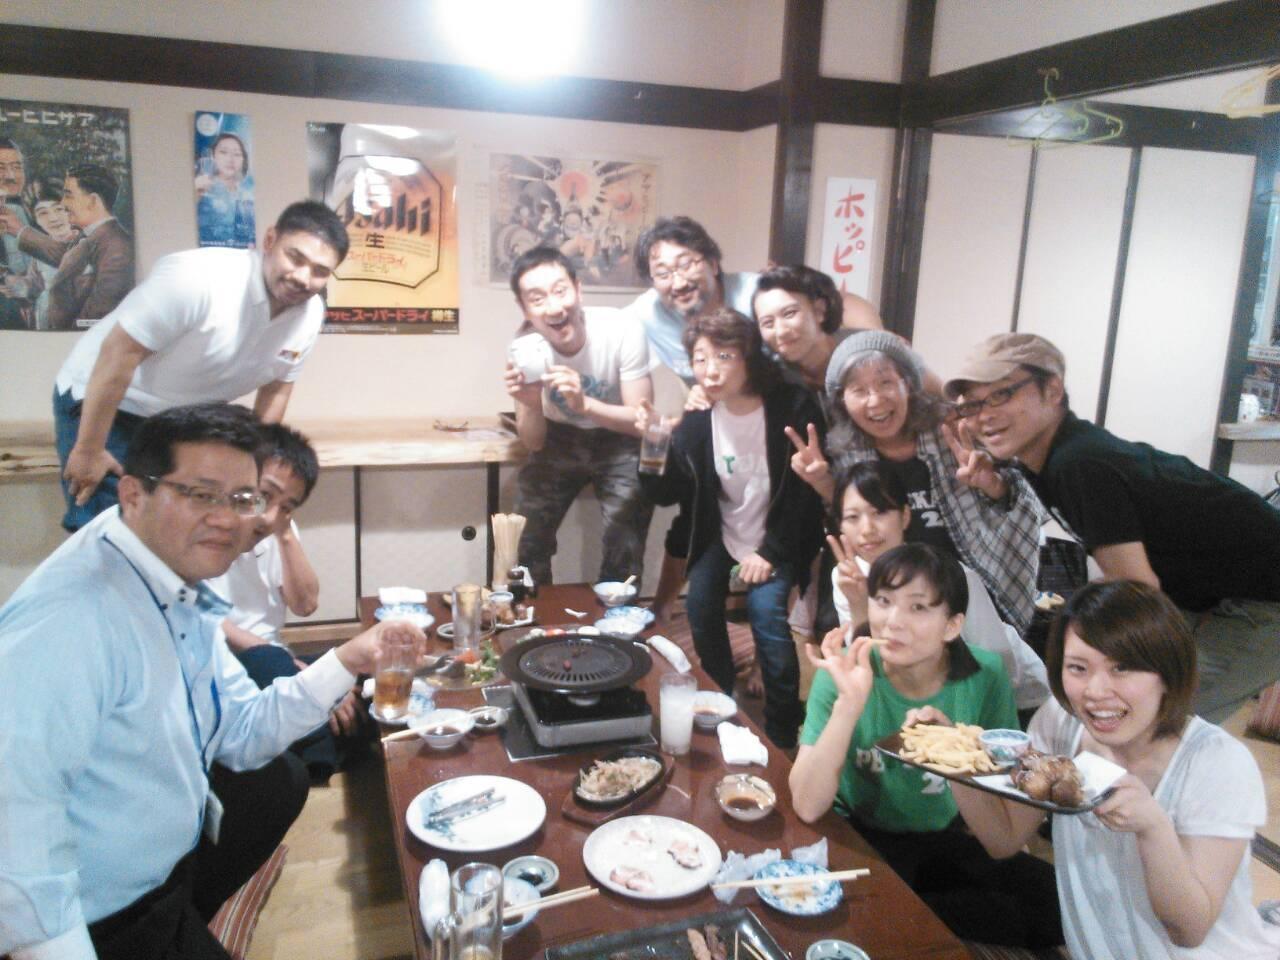 熊本公演 ありがとうございましたm(_ _)m_a0163623_23573312.jpg